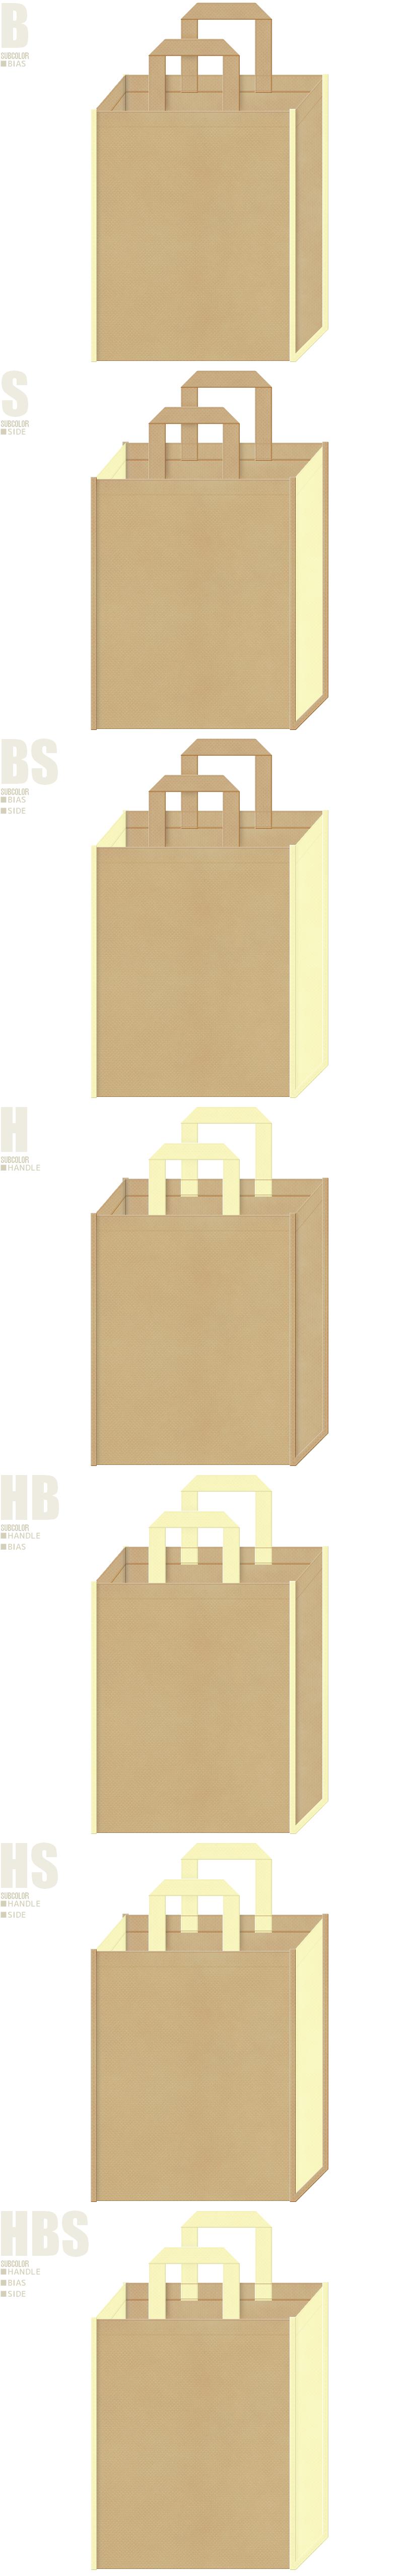 手芸・ぬいぐるみ・たいやき・クレープ・クッキー・マーガリン・クリームパン・チーズケーキ・スイーツ・ベーカリーショップにお奨めの不織布バッグデザイン:カーキ色と薄黄色の配色7パターン。